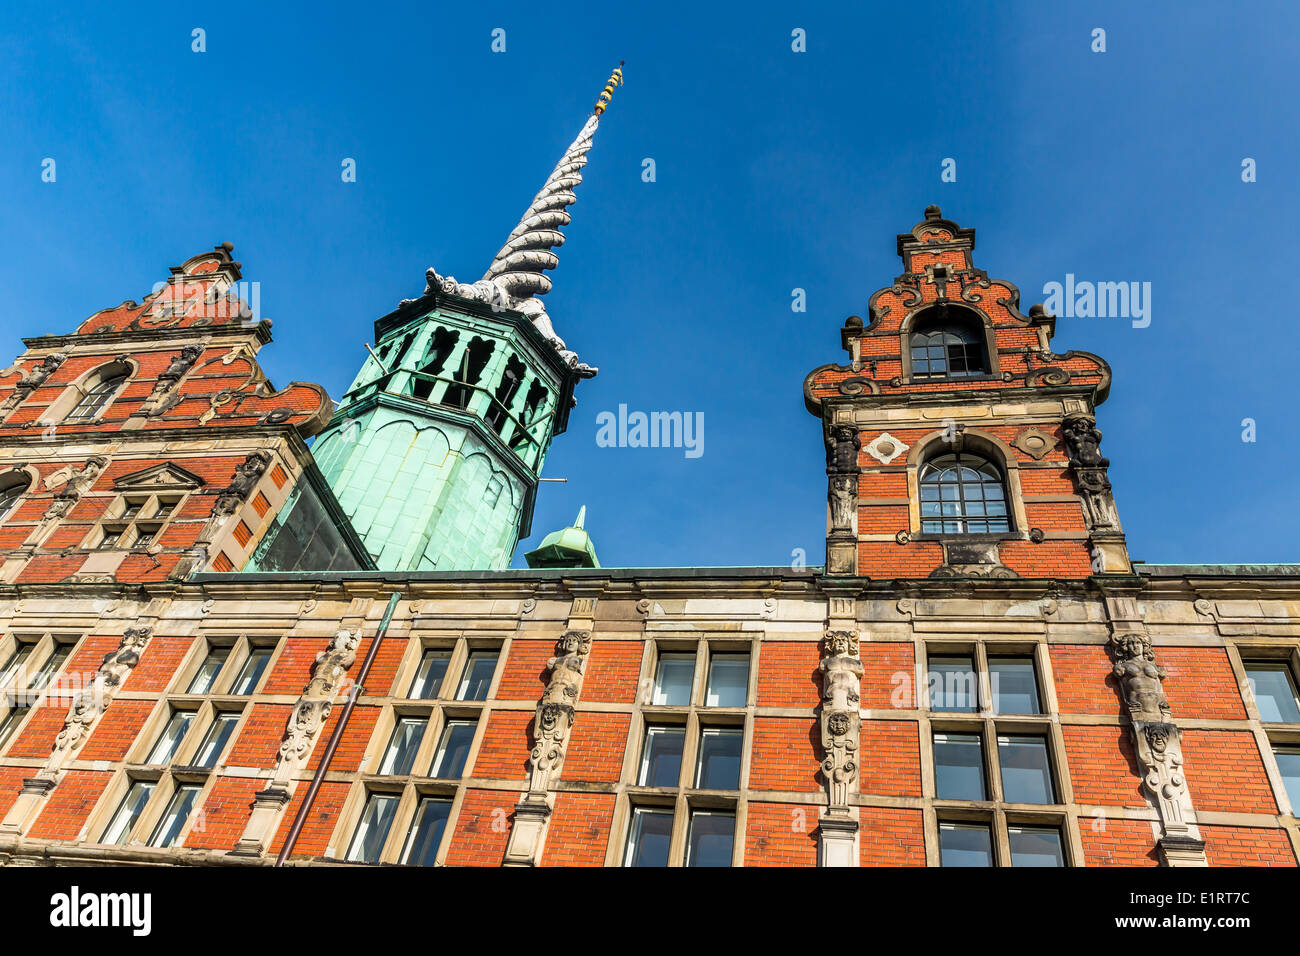 Building of the Chamber of Commerce, Børsen, Copenhagen, Denmark - Stock Image